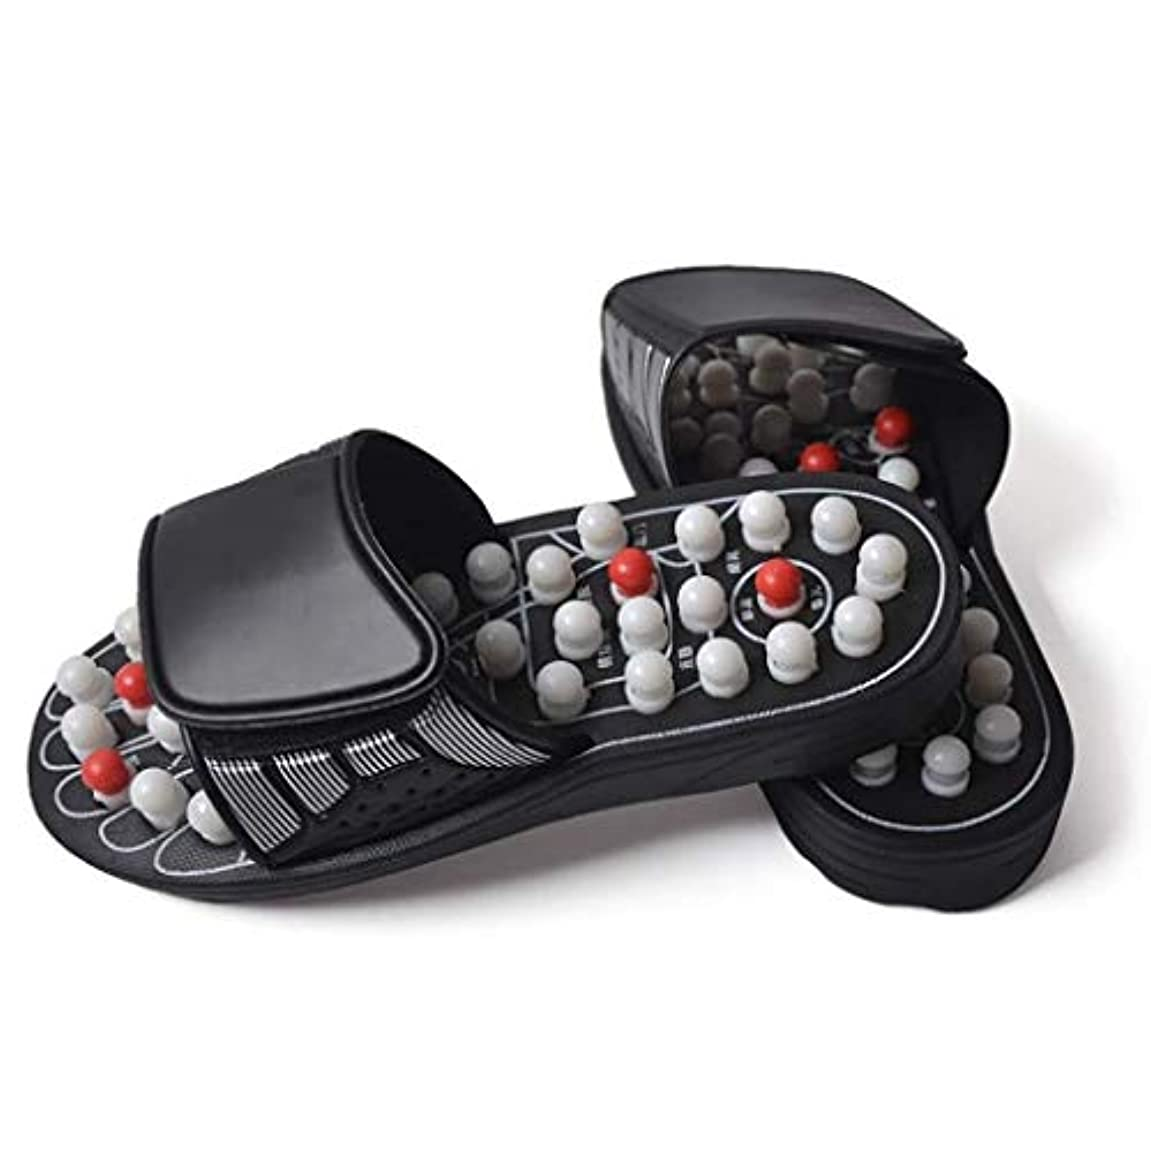 ストライプ今晩生産的フットマッサージの靴、フットマッサージ、鍼灸磁気マッサージスリッパ、サンダル春、ユニセックス (Color : 白, Size : 40)